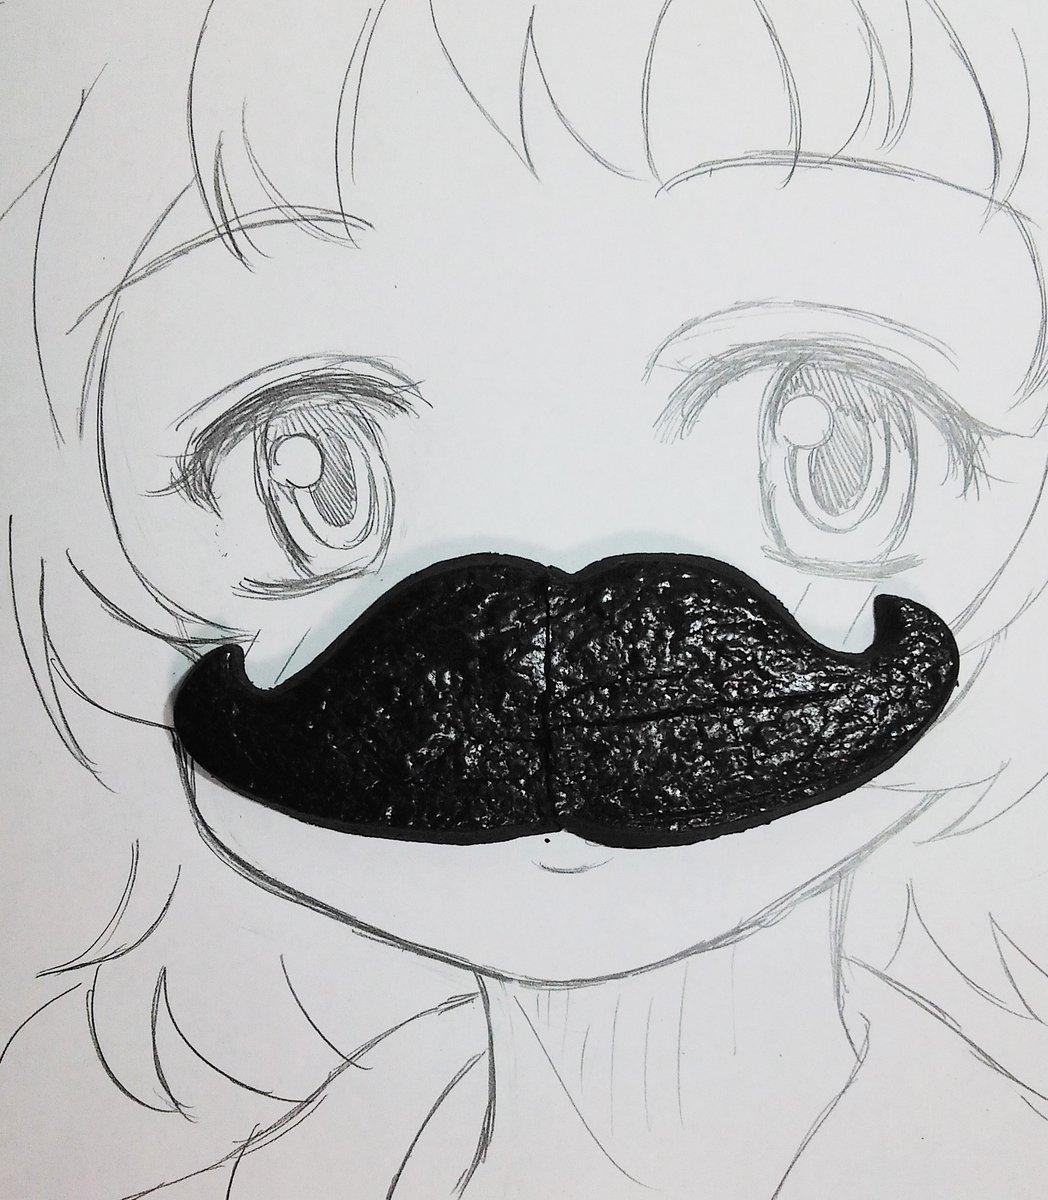 mettoko_Fan_art_368